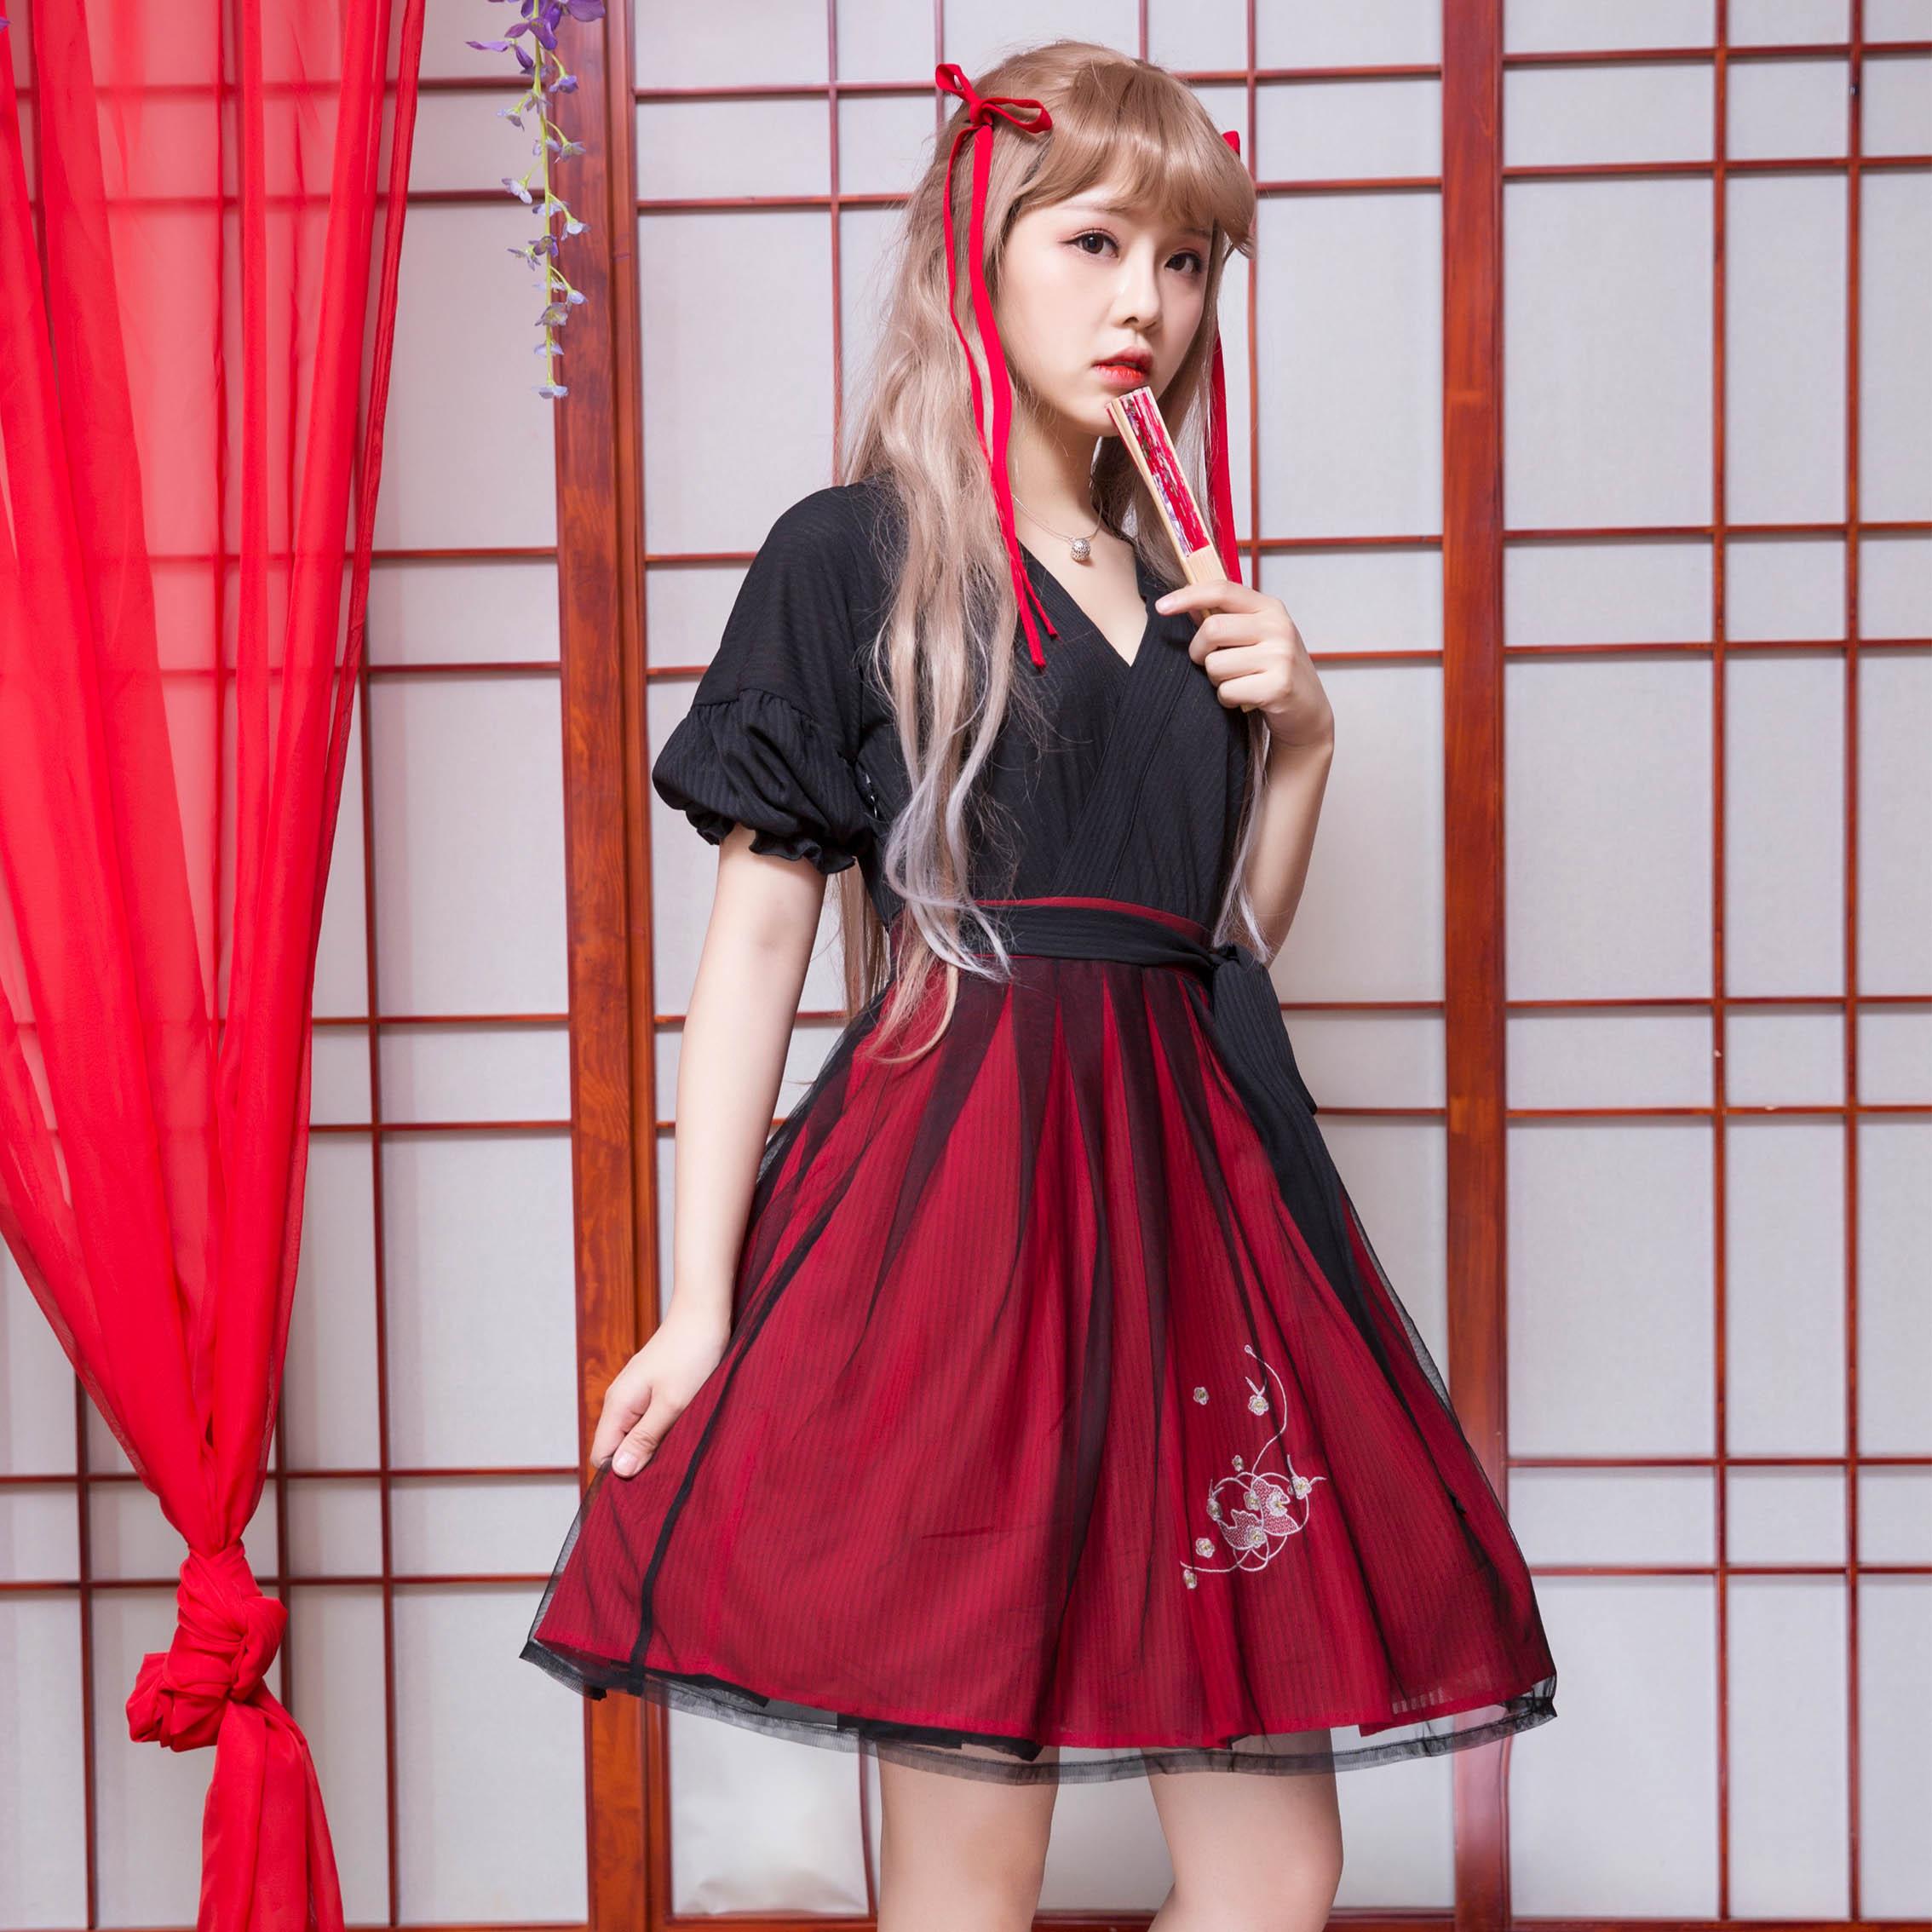 링 긴 tou (절묘한 주사위) 우아한 중국 전통 hanfu 블랙 + 레드 드레스 한 요소 짧은 소매 드레스 원피스-에서드레스부터 여성 의류 의  그룹 3